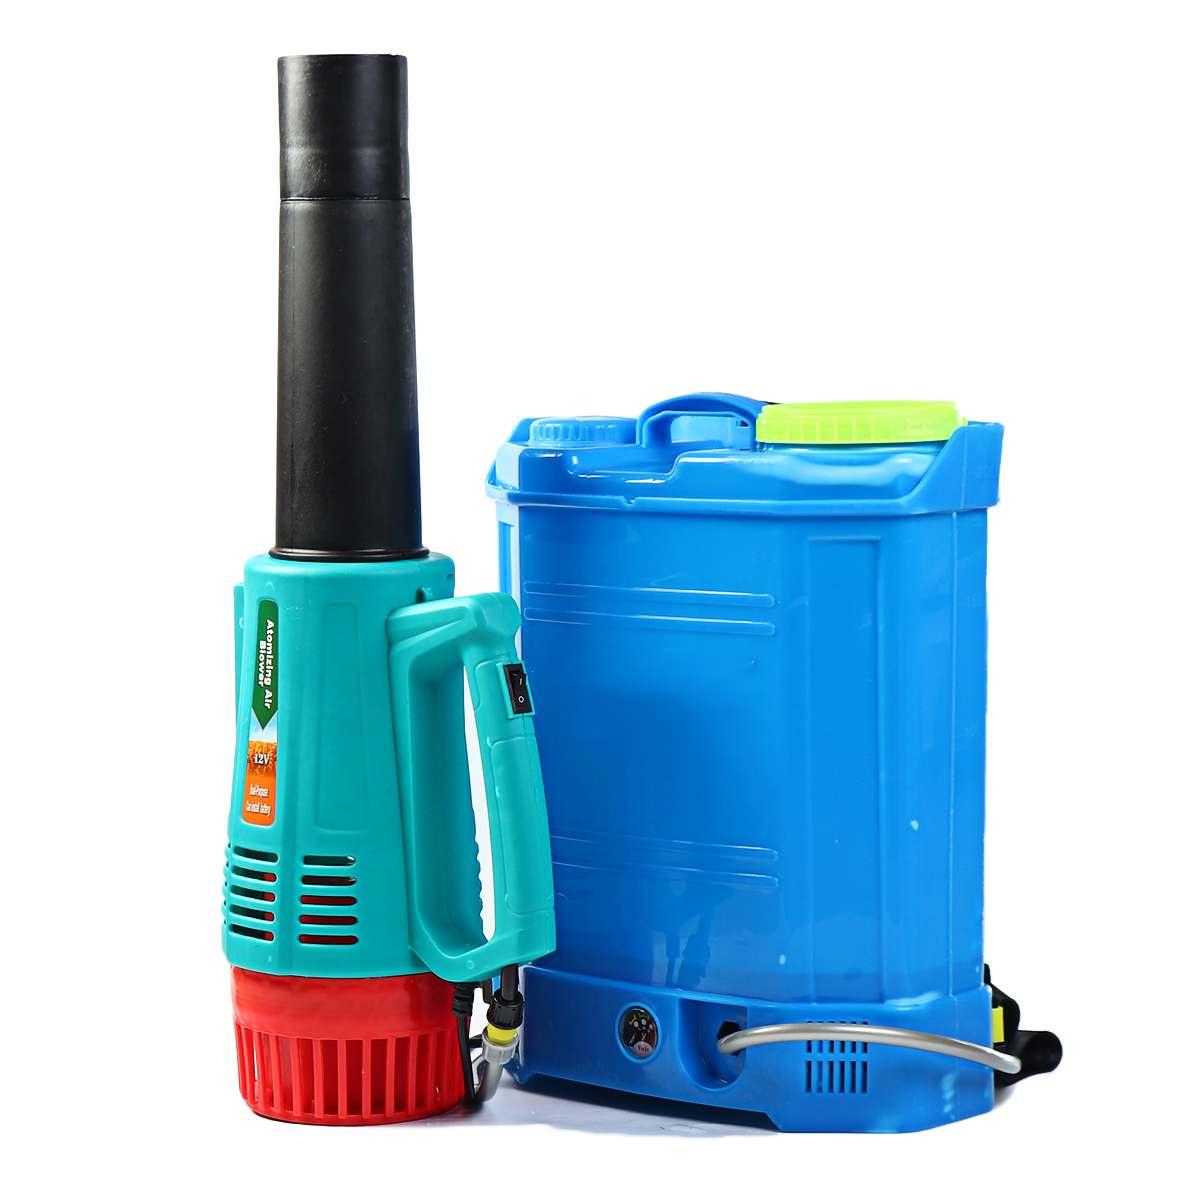 Agricultural Pesticide Spray Equipment Backpack Garden Intelligent Sprayer Knapsack 20 Litre 12v 220v Battery Electric ULV Foger-1